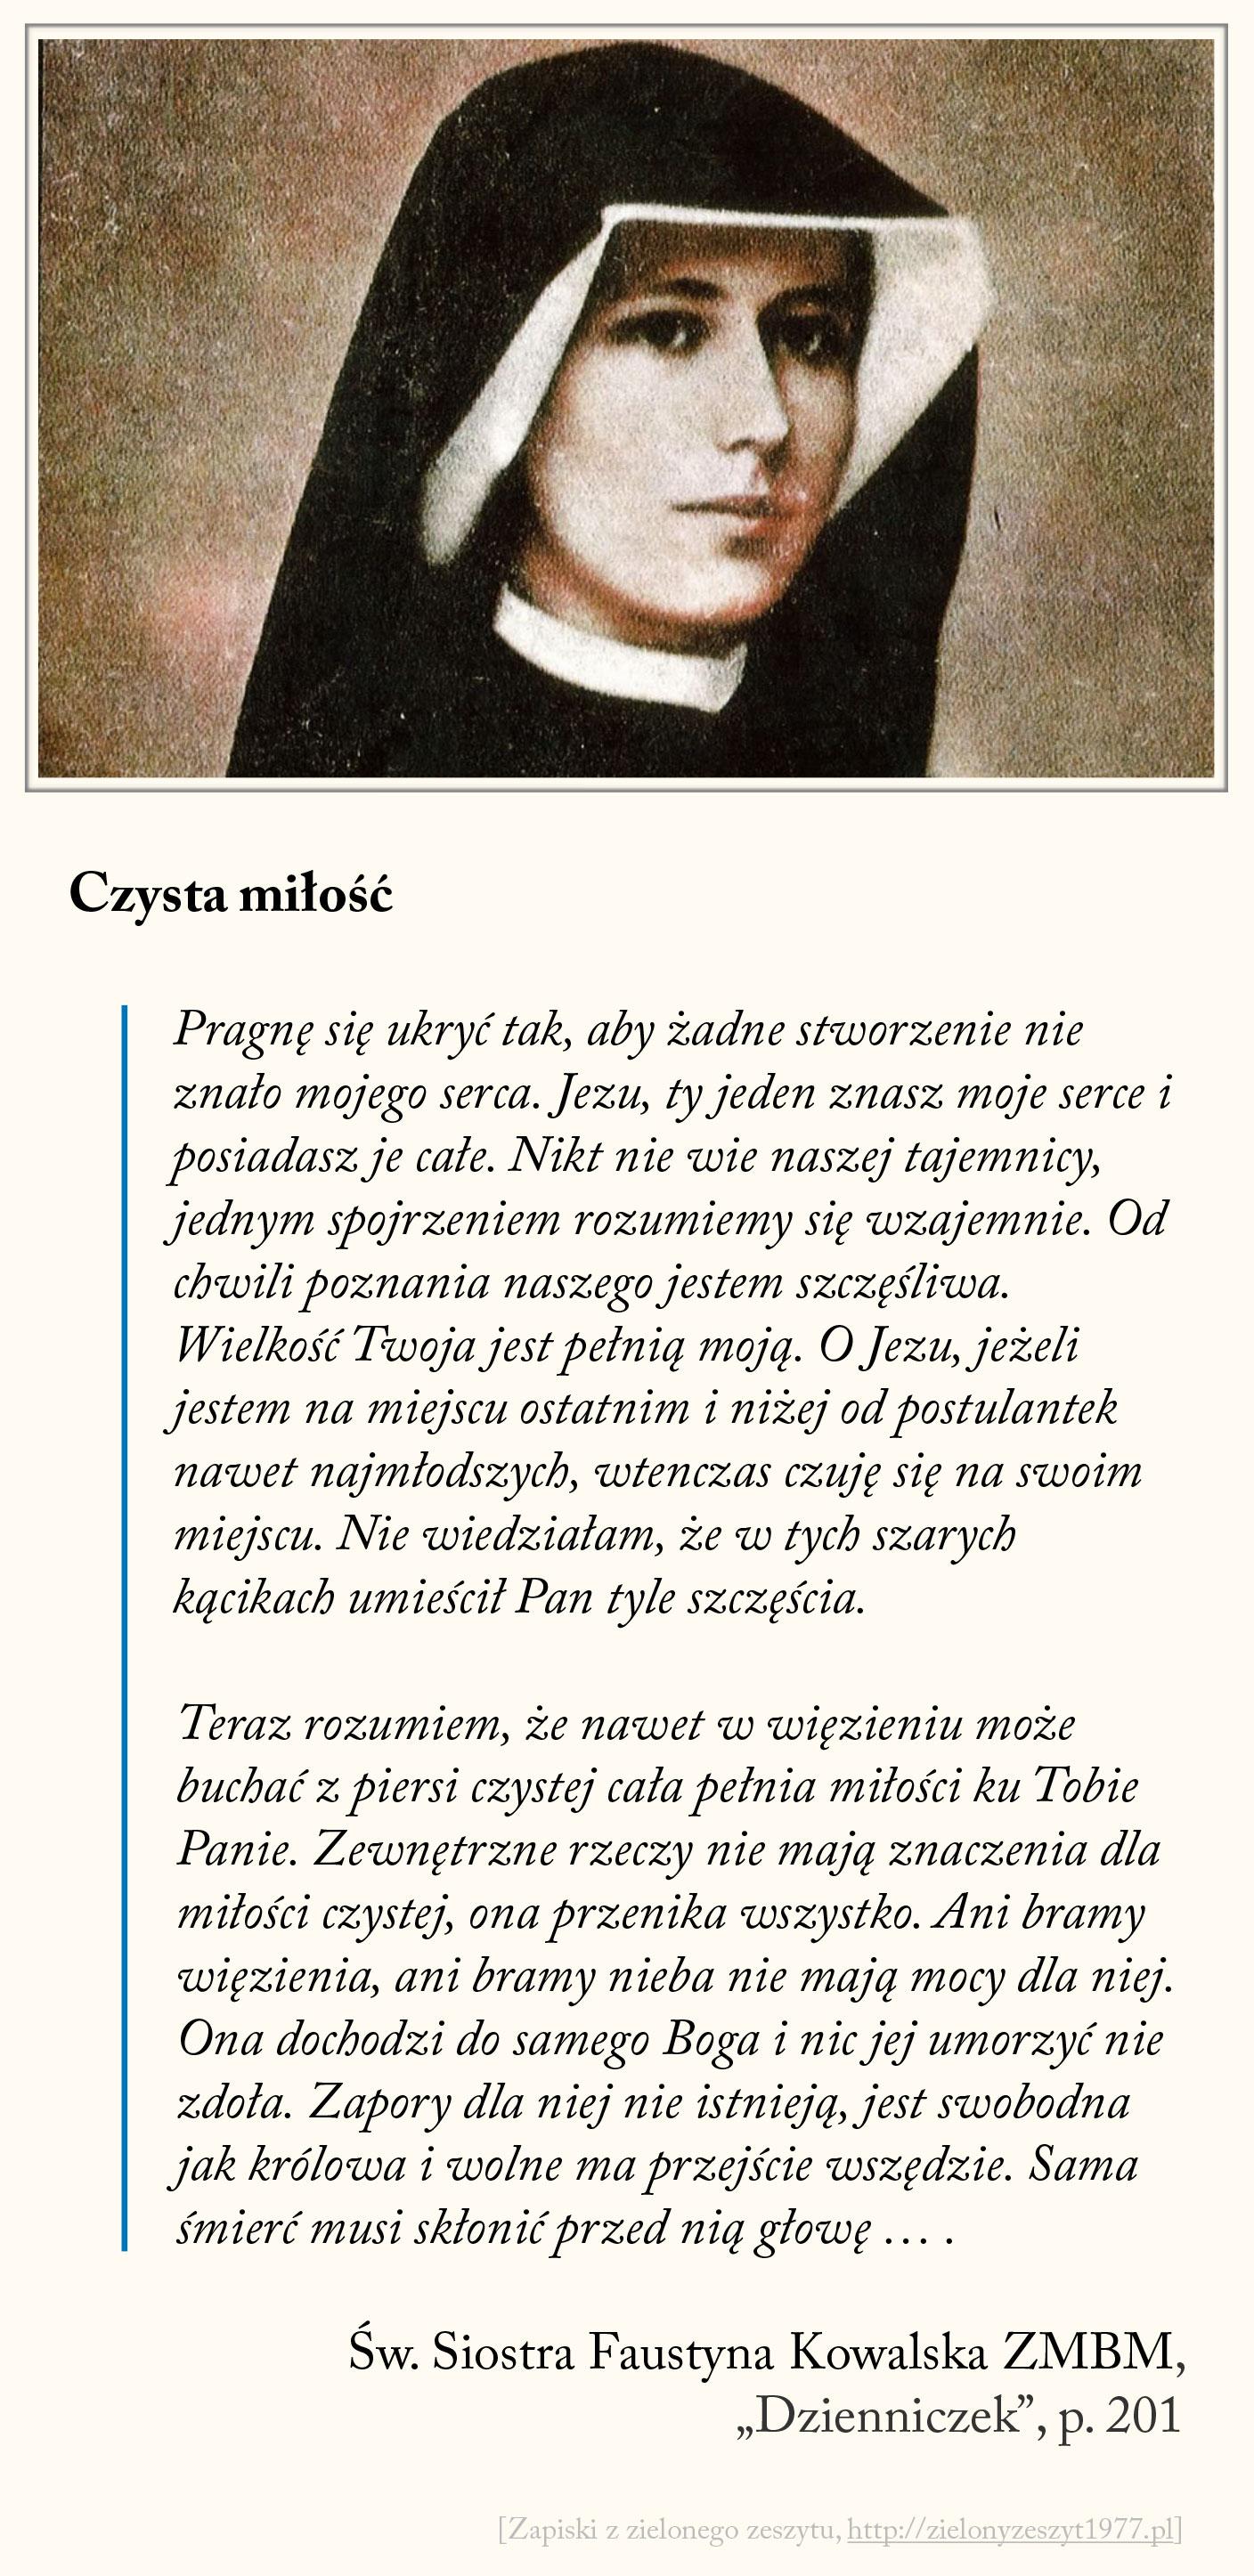 Czysta miłość, św. Faustyna Kowalska